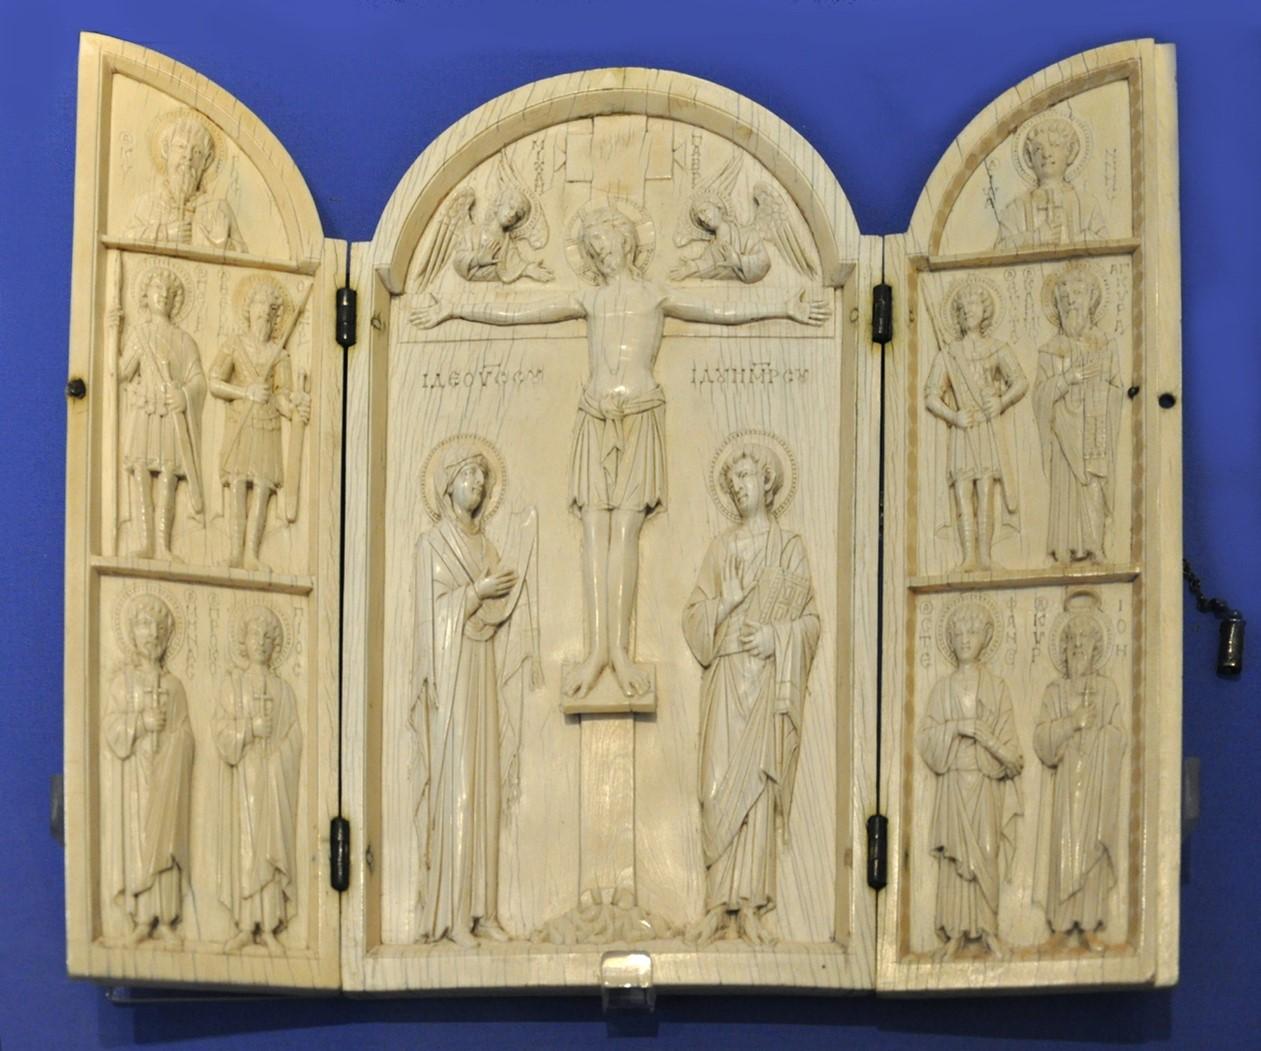 The Borradaile Triptych